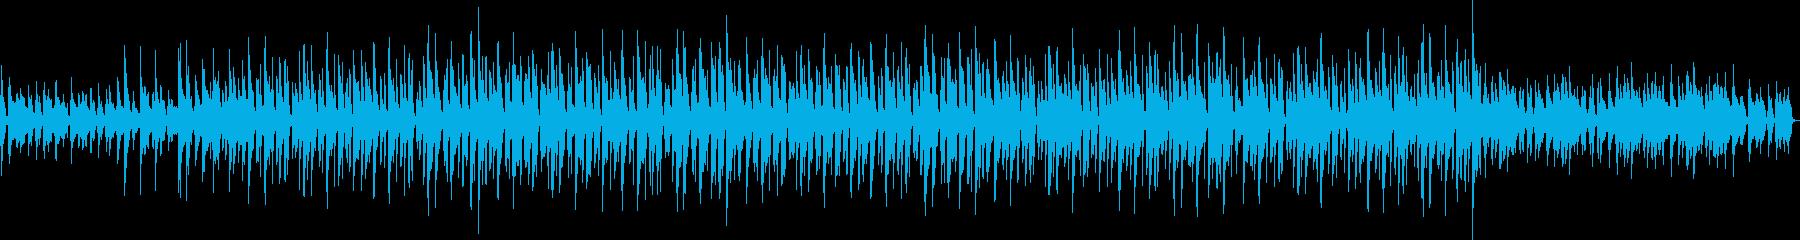 ボサノバ 風ギターとシンセリード&三味線の再生済みの波形